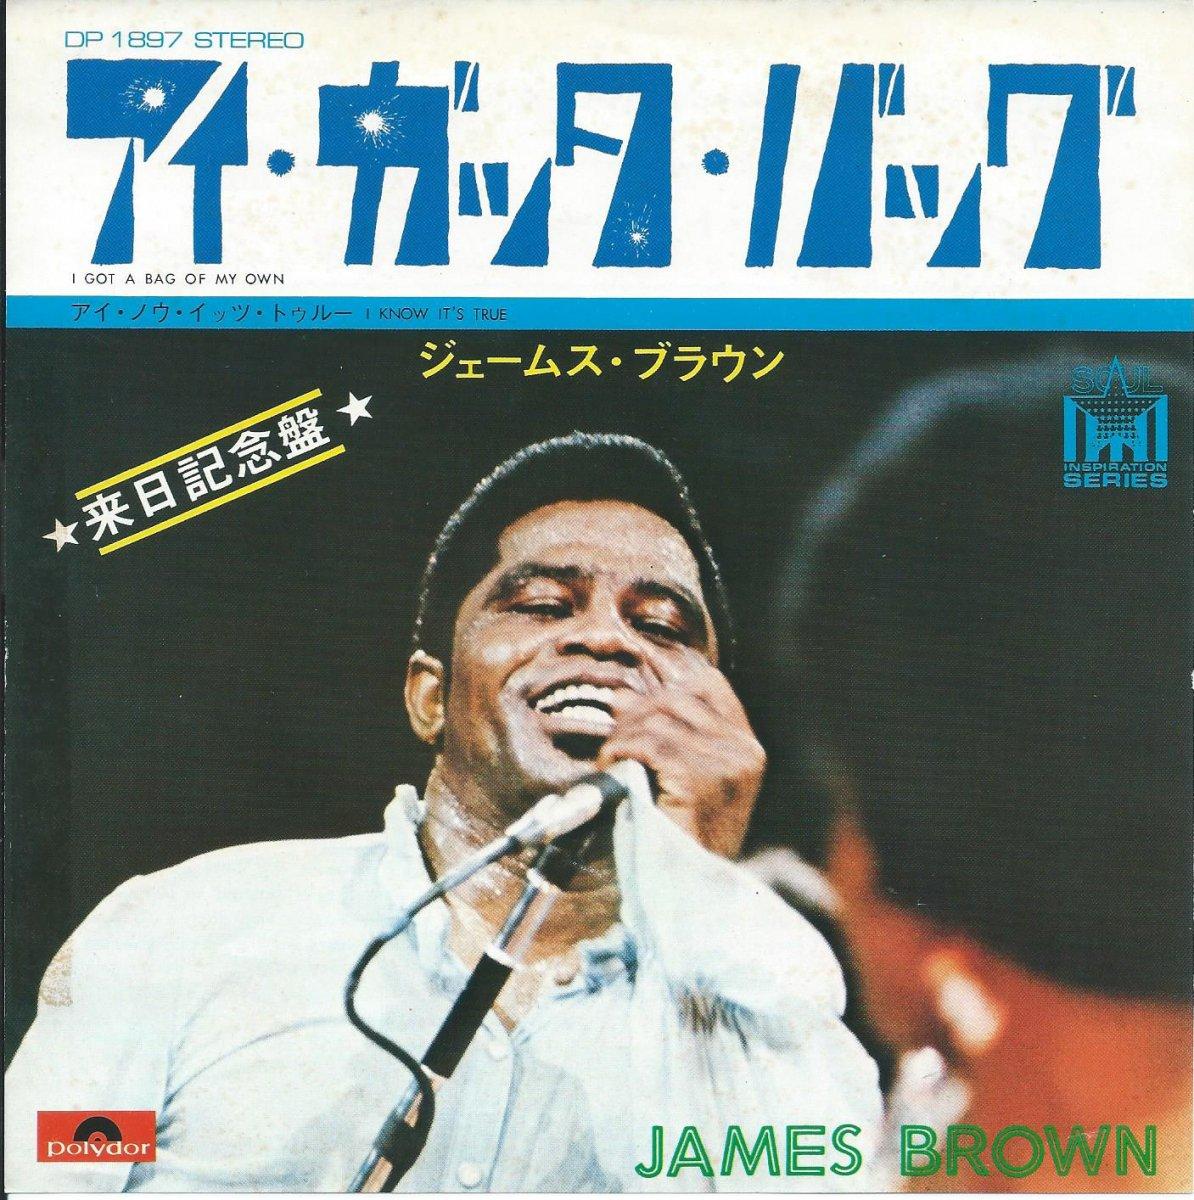 ジェームス・ブラウン JAMES BROWN / アイ・ガッタ・バッグ I GOT A BAG OF MY OWN (7